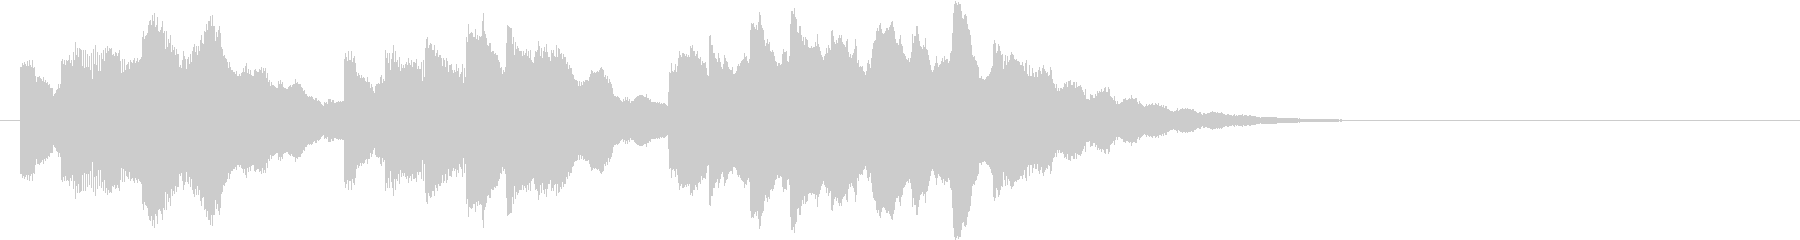 電車の発車メロディー風SEの未再生の波形